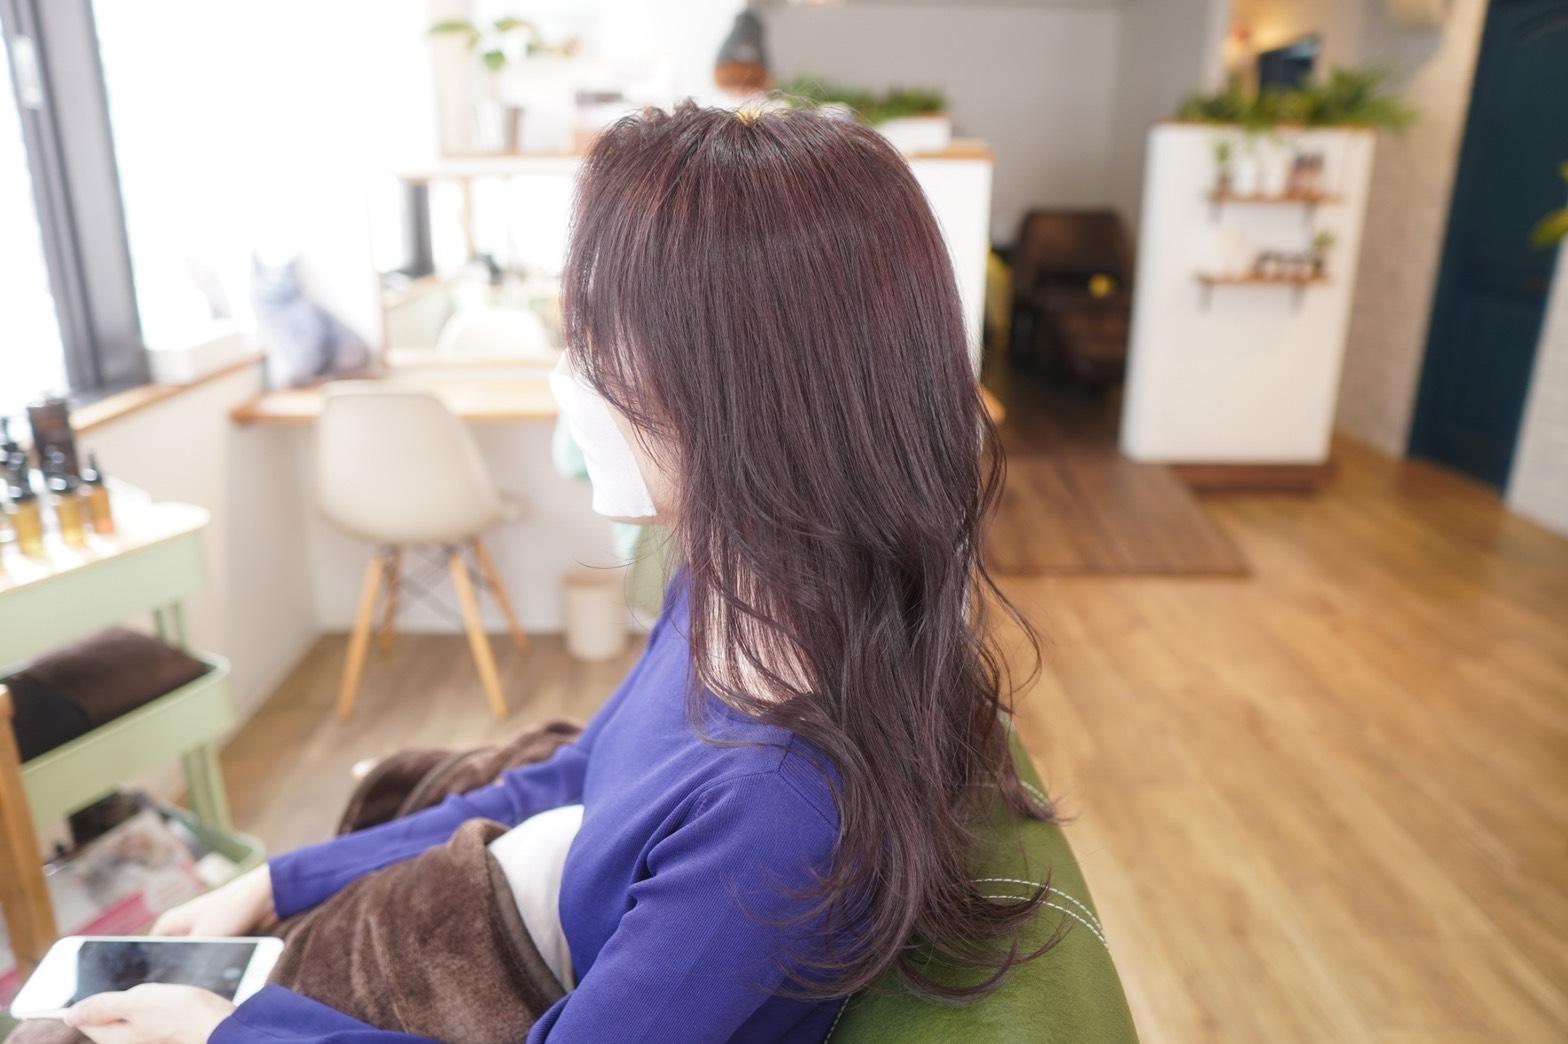 神戸 三宮 髪質改善 水素トリートメント ブリーチなしカラー ダブルカラー ピンクカラー ピンクダブルカラー